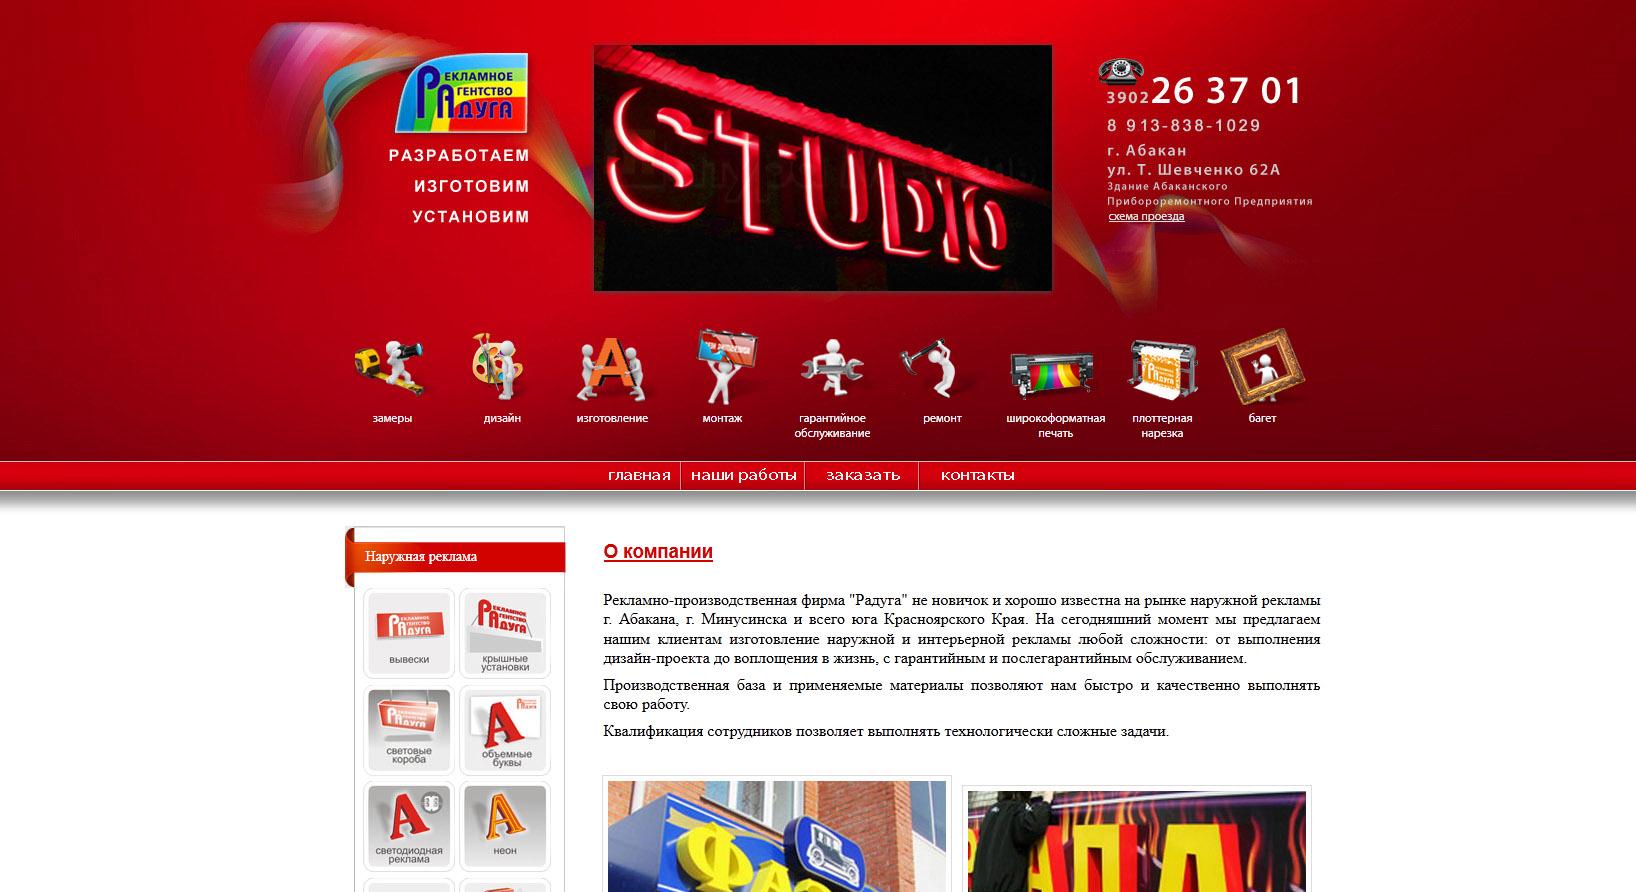 Сайт рекламного агентства «Радуга»